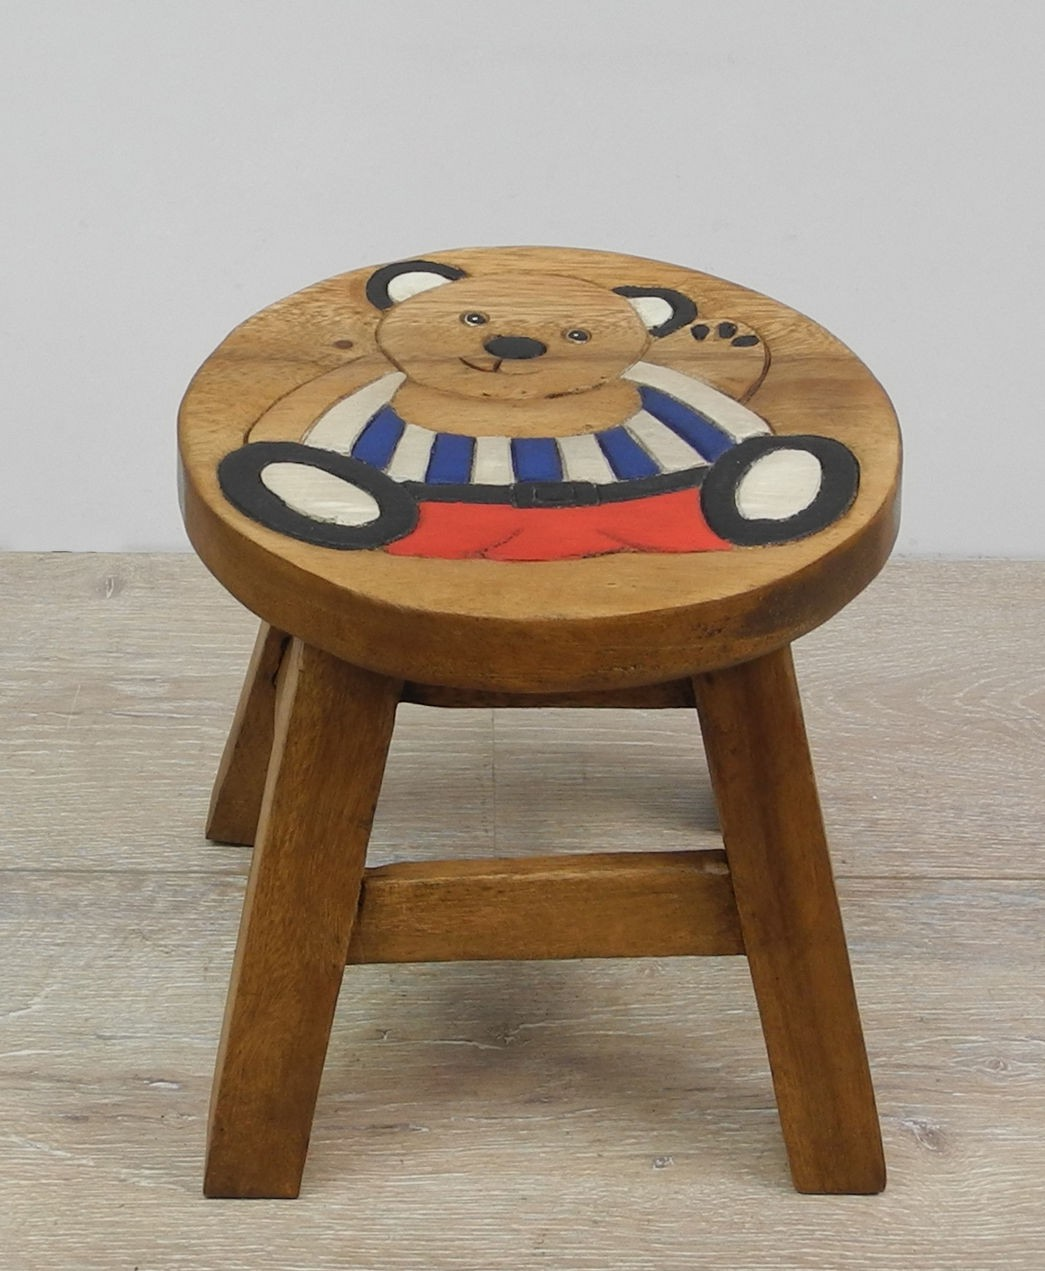 kinder stuhl kinderstuhl with kinder stuhl amazing babystuhl kinderstuhl with kinder stuhl. Black Bedroom Furniture Sets. Home Design Ideas